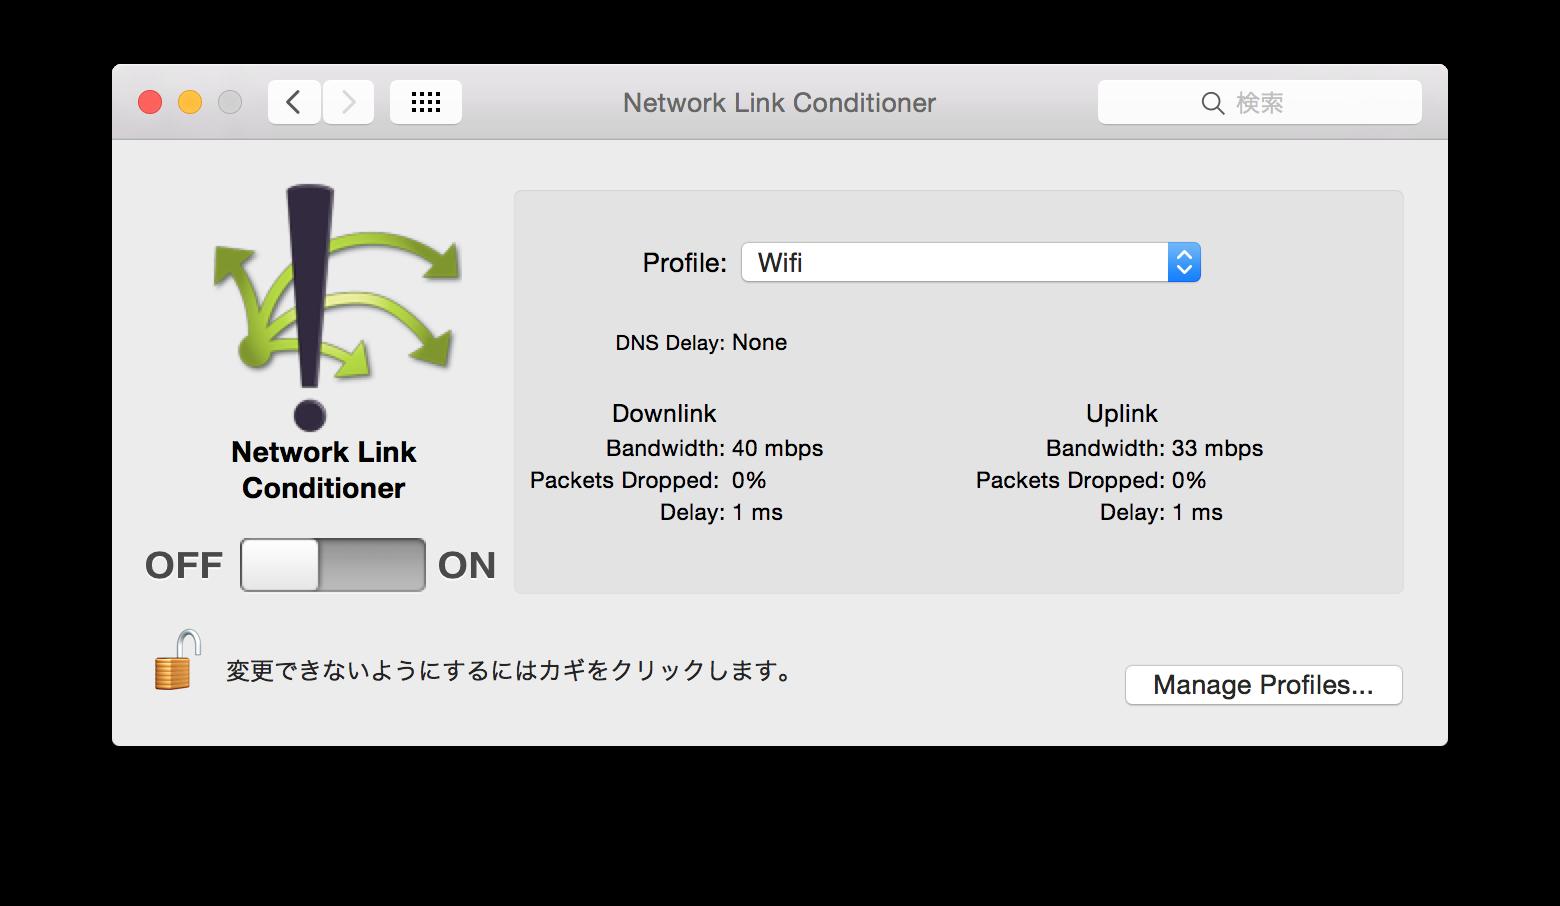 スクリーンショット 2016-08-22 10.48.33.png (198.3 kB)